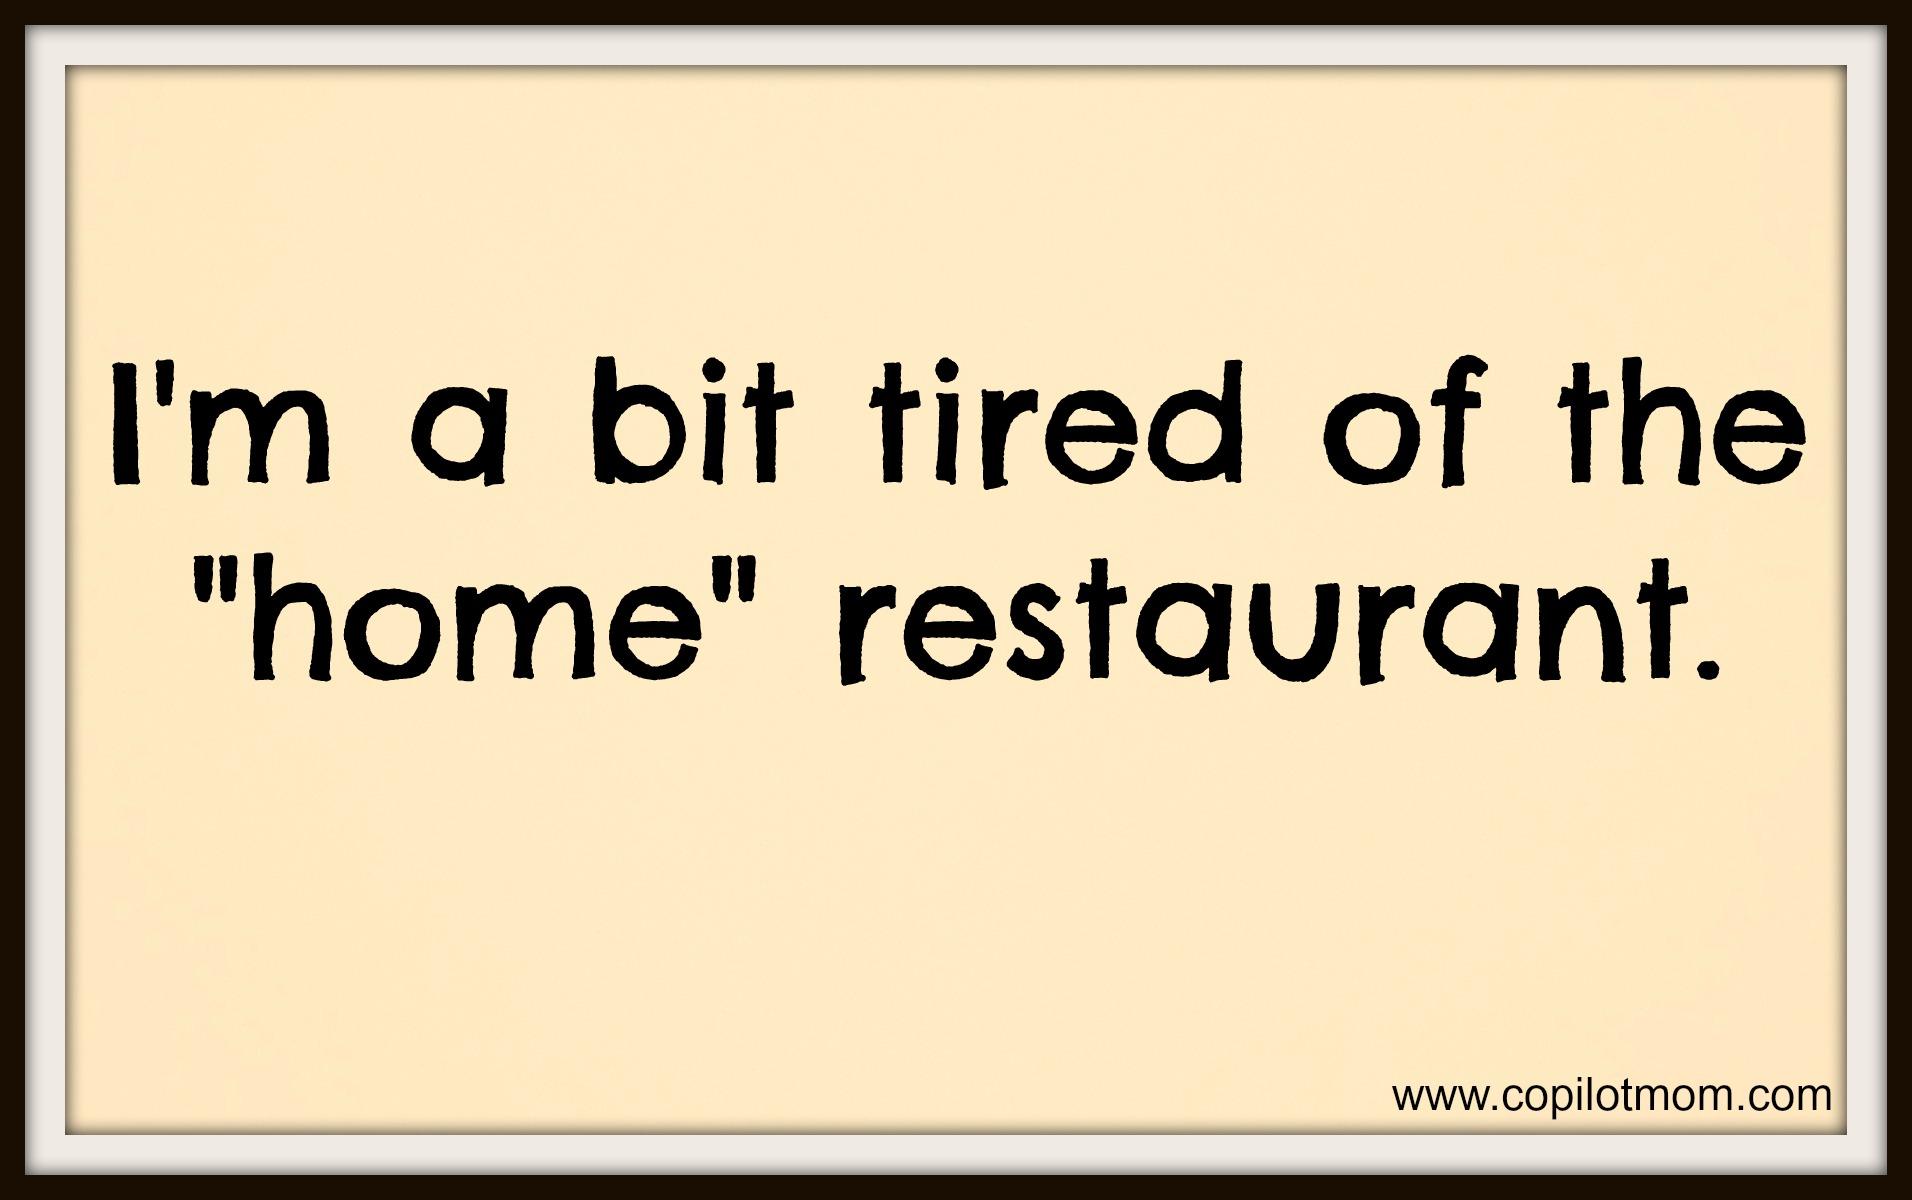 Restaurant quote #6